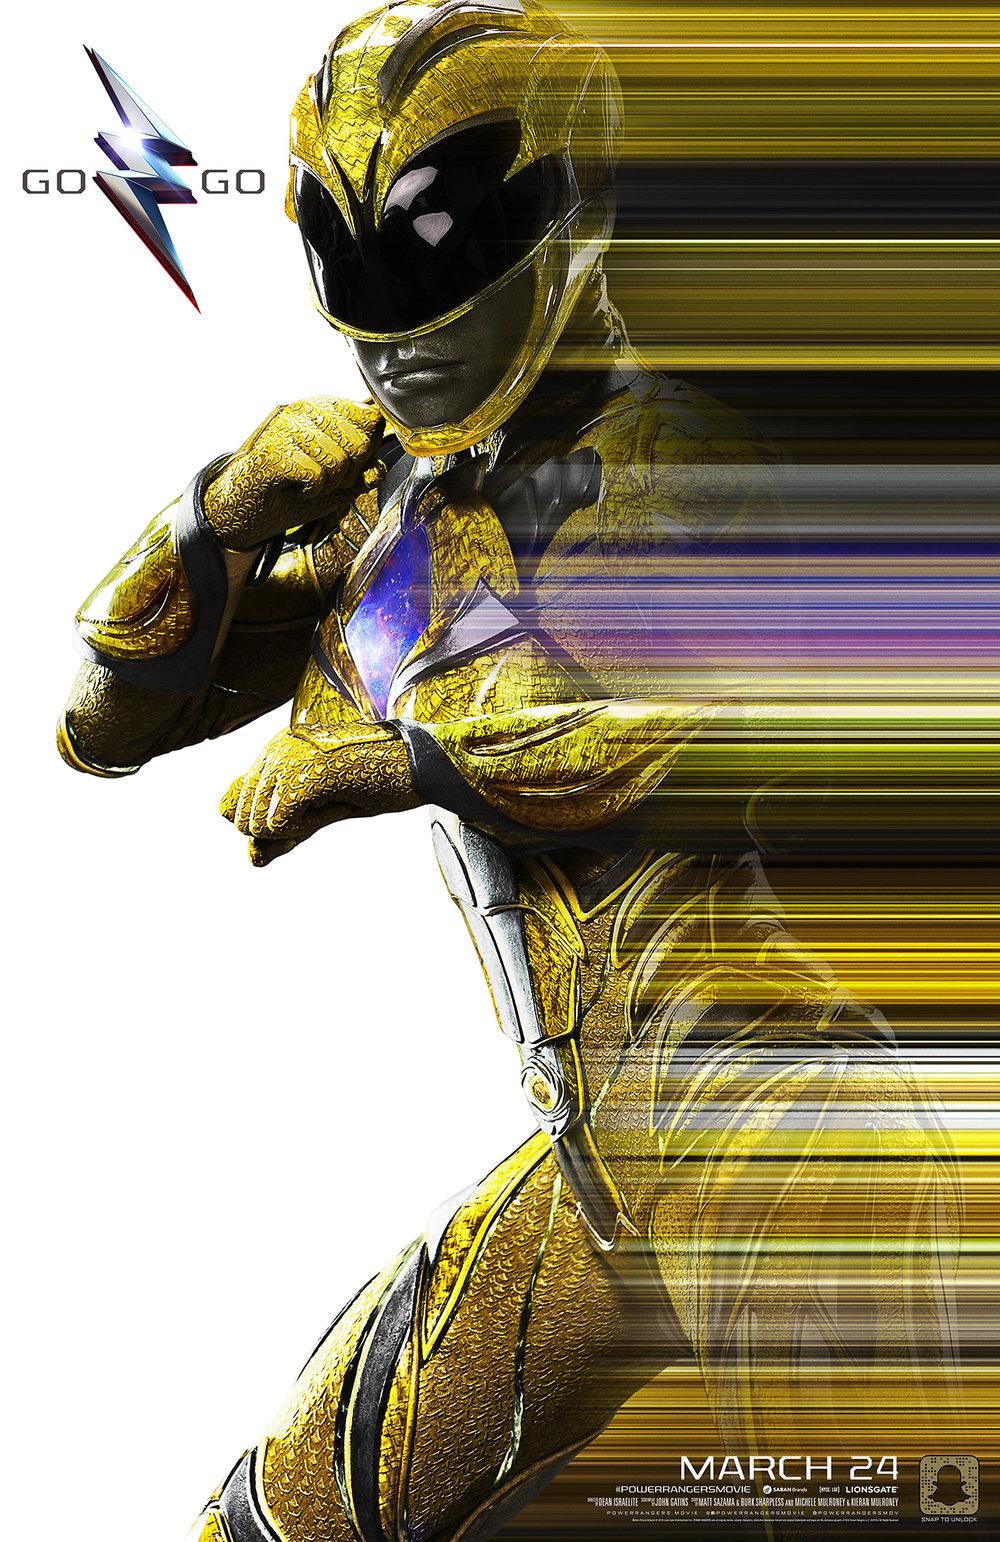 PowerRangers_Yellow_Streak_Teaser_VF_100dpi.jpg